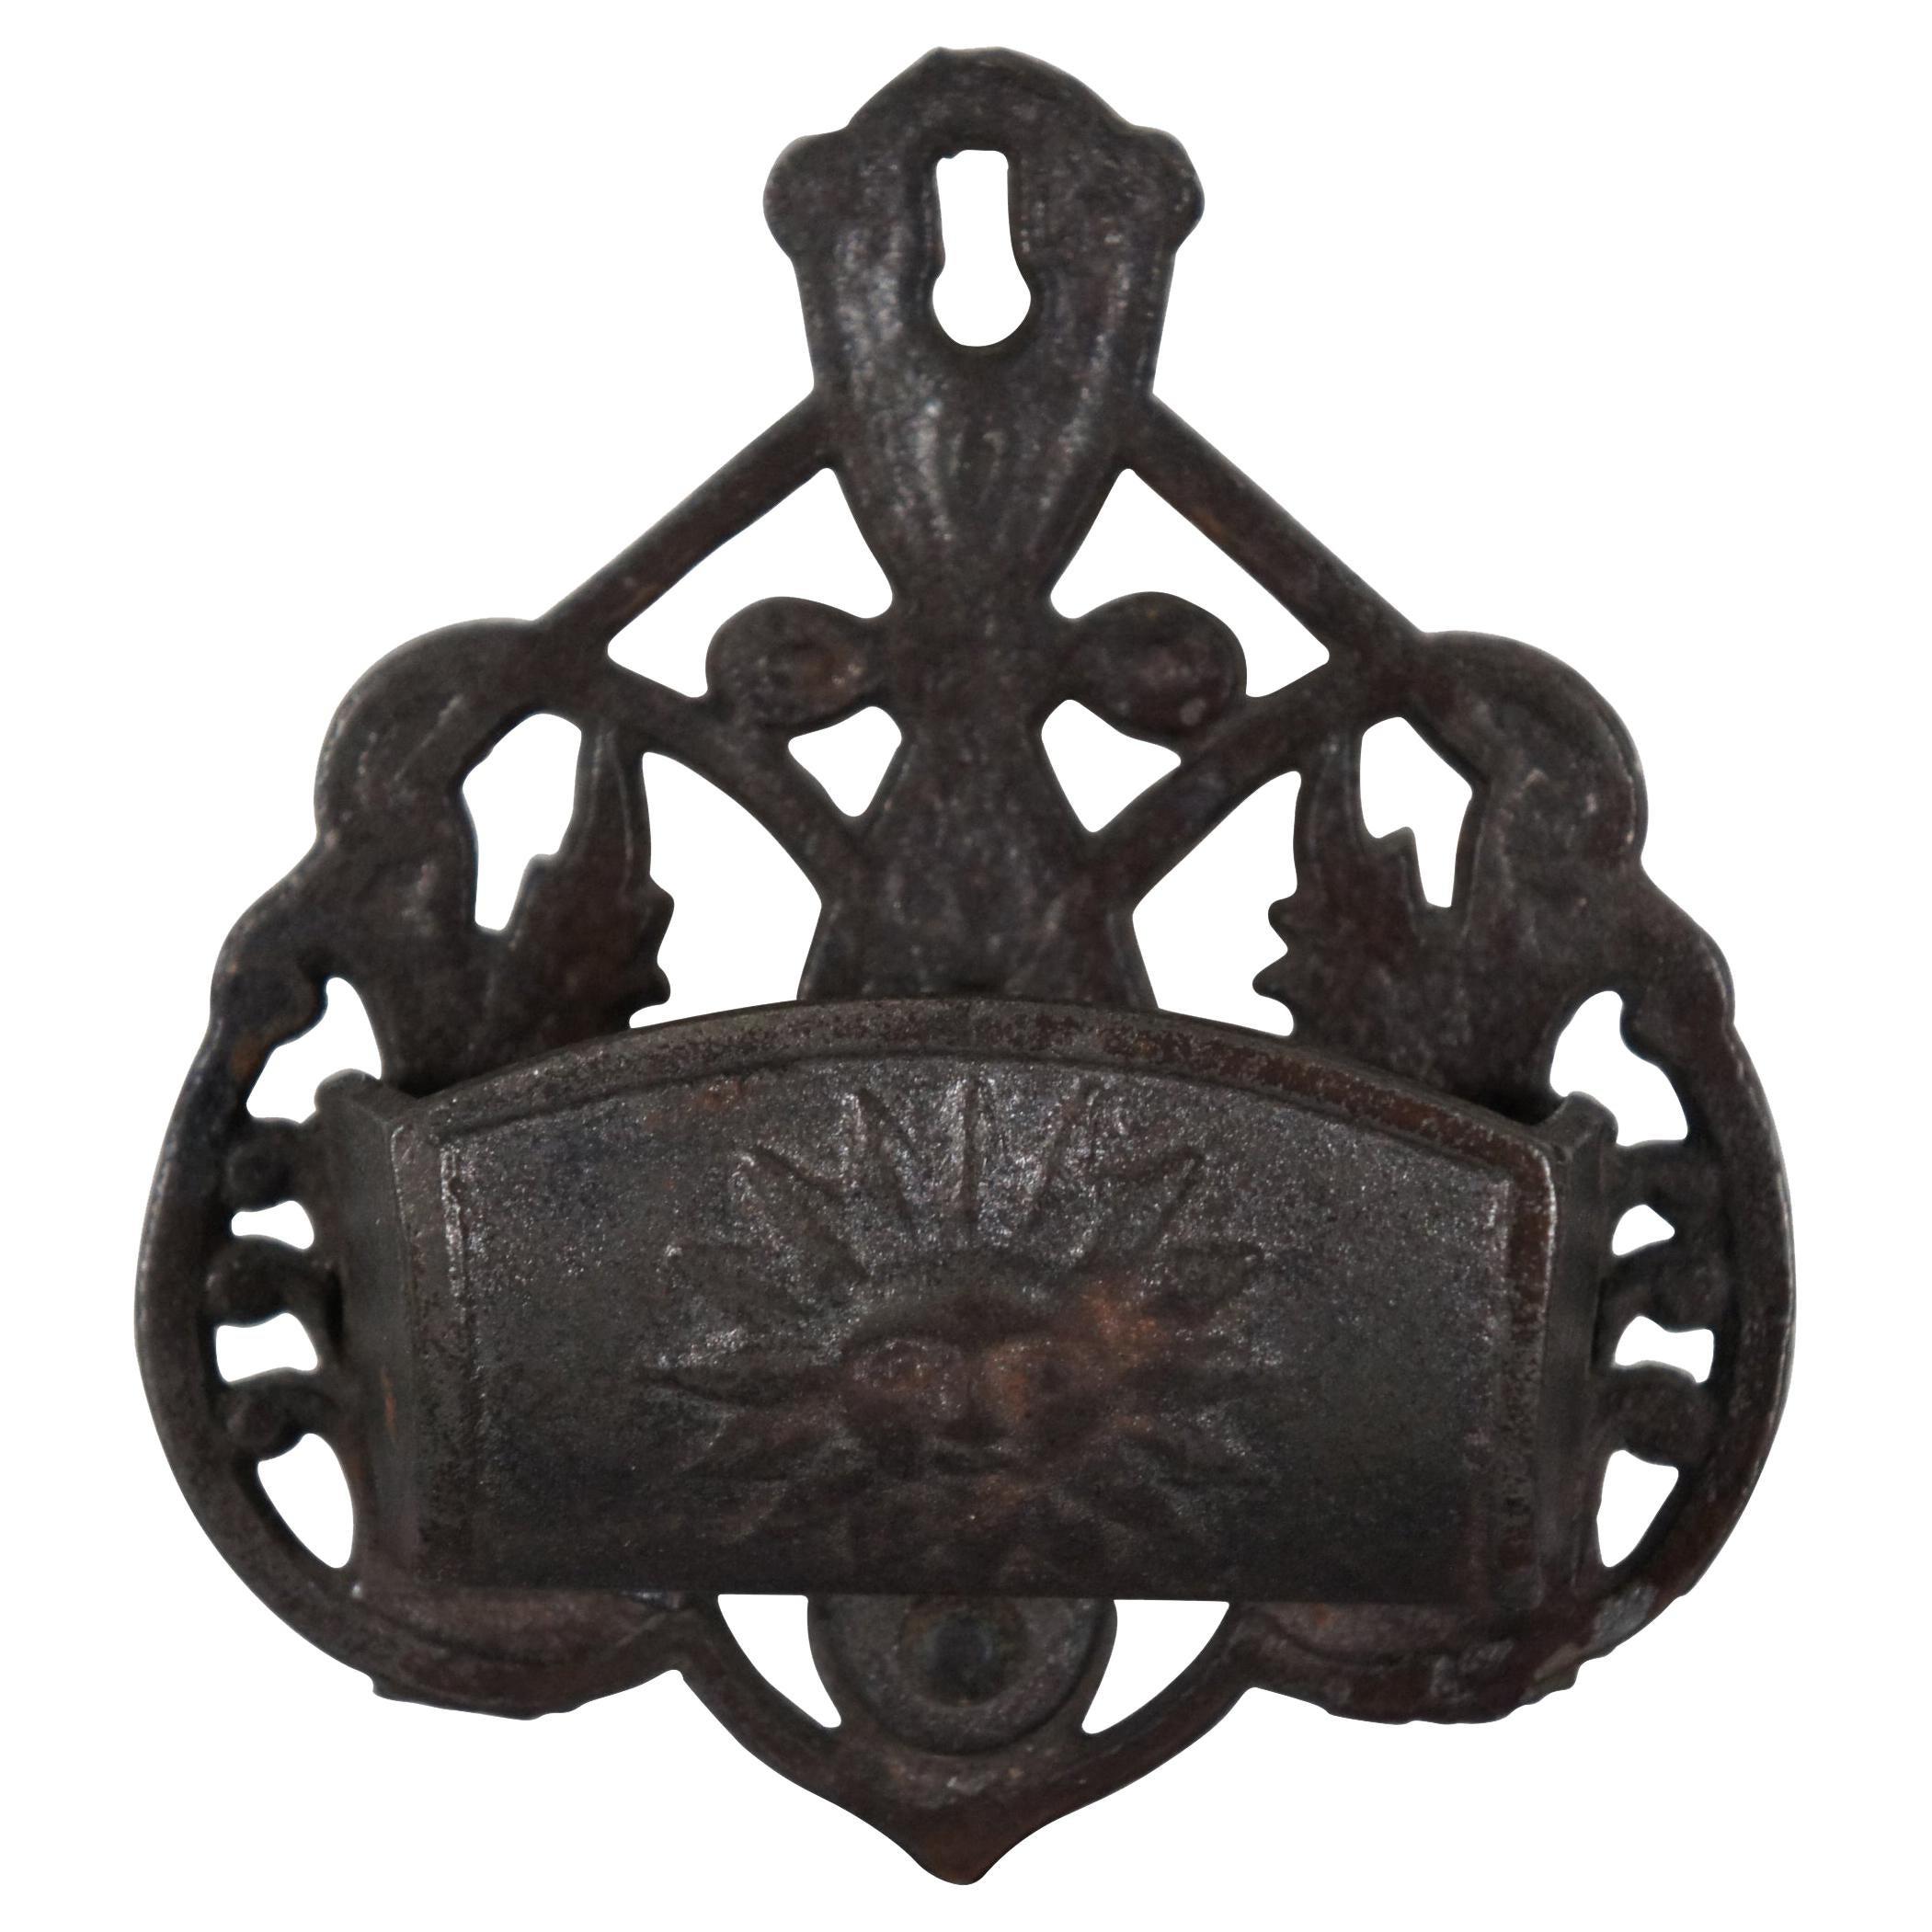 Antique Victorian Cast Iron Match Safe Stick Toothpick Holder Wall Pocket Sun